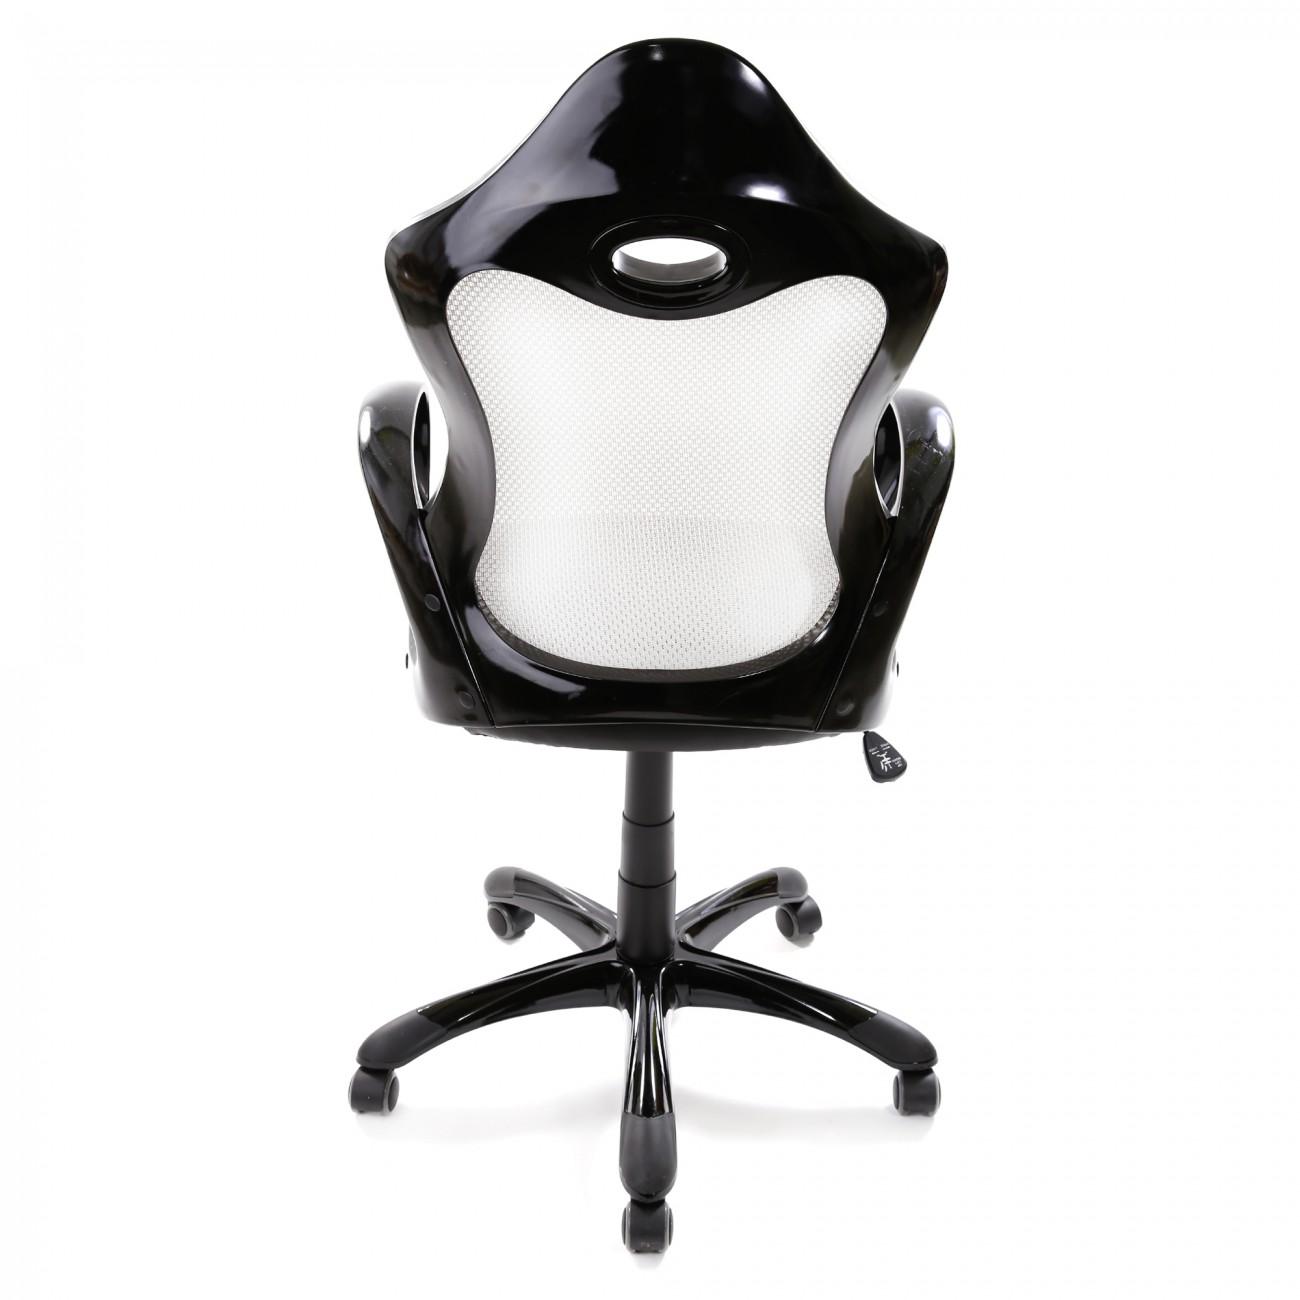 chaise de bureau si ge de bureau fauteuil racing gaming sport ordinateur hauteur ebay. Black Bedroom Furniture Sets. Home Design Ideas